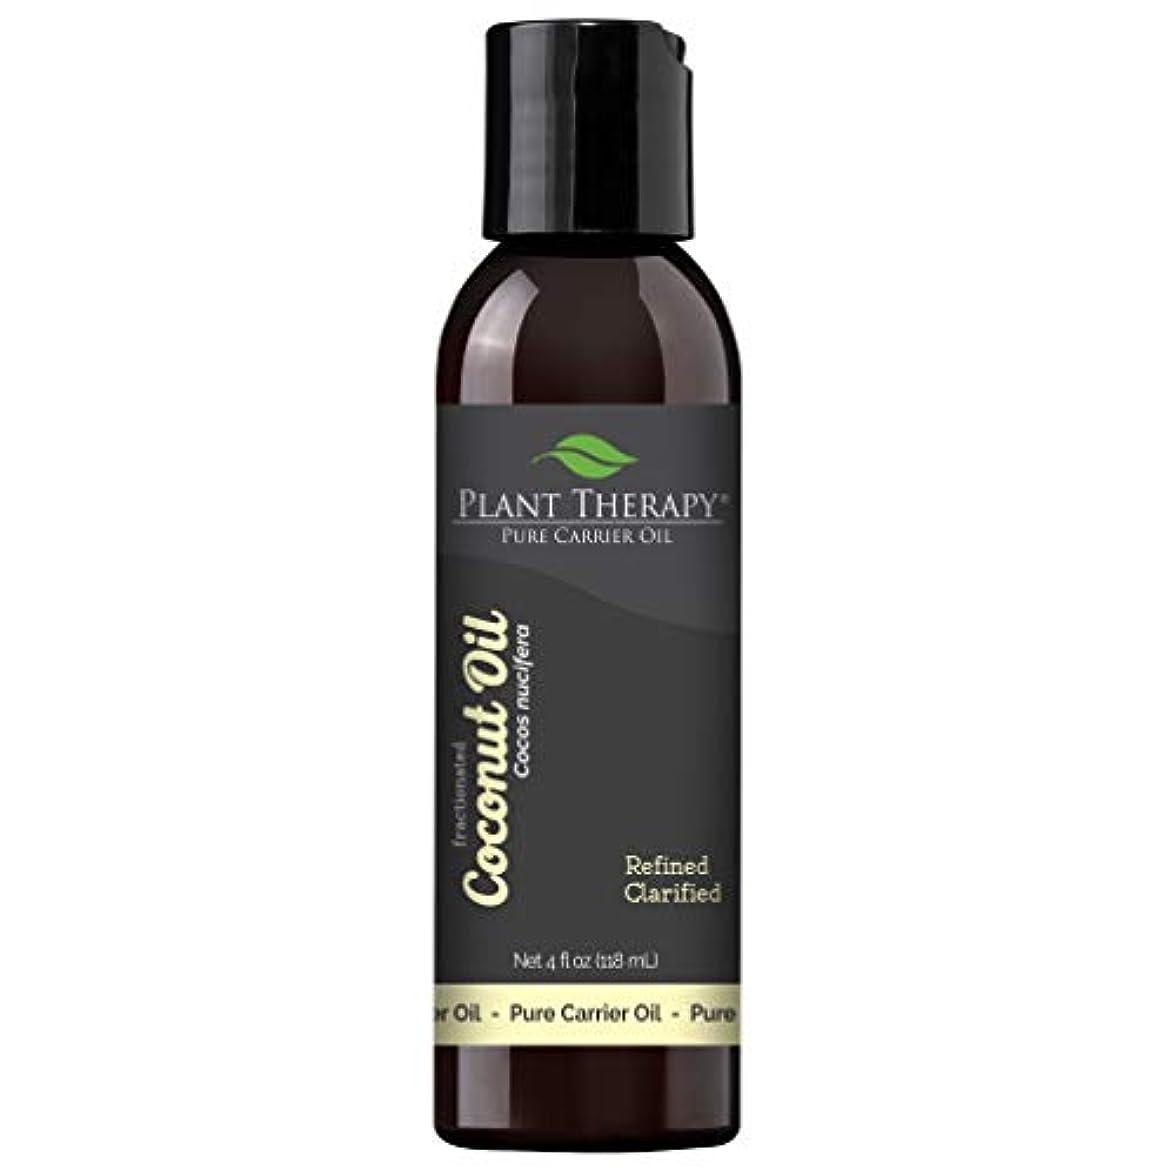 Plant Therapy Essential Oils (プラントセラピー エッセンシャルオイル) ココナッツ (分別蒸留) 4 オンス キャリアオイル